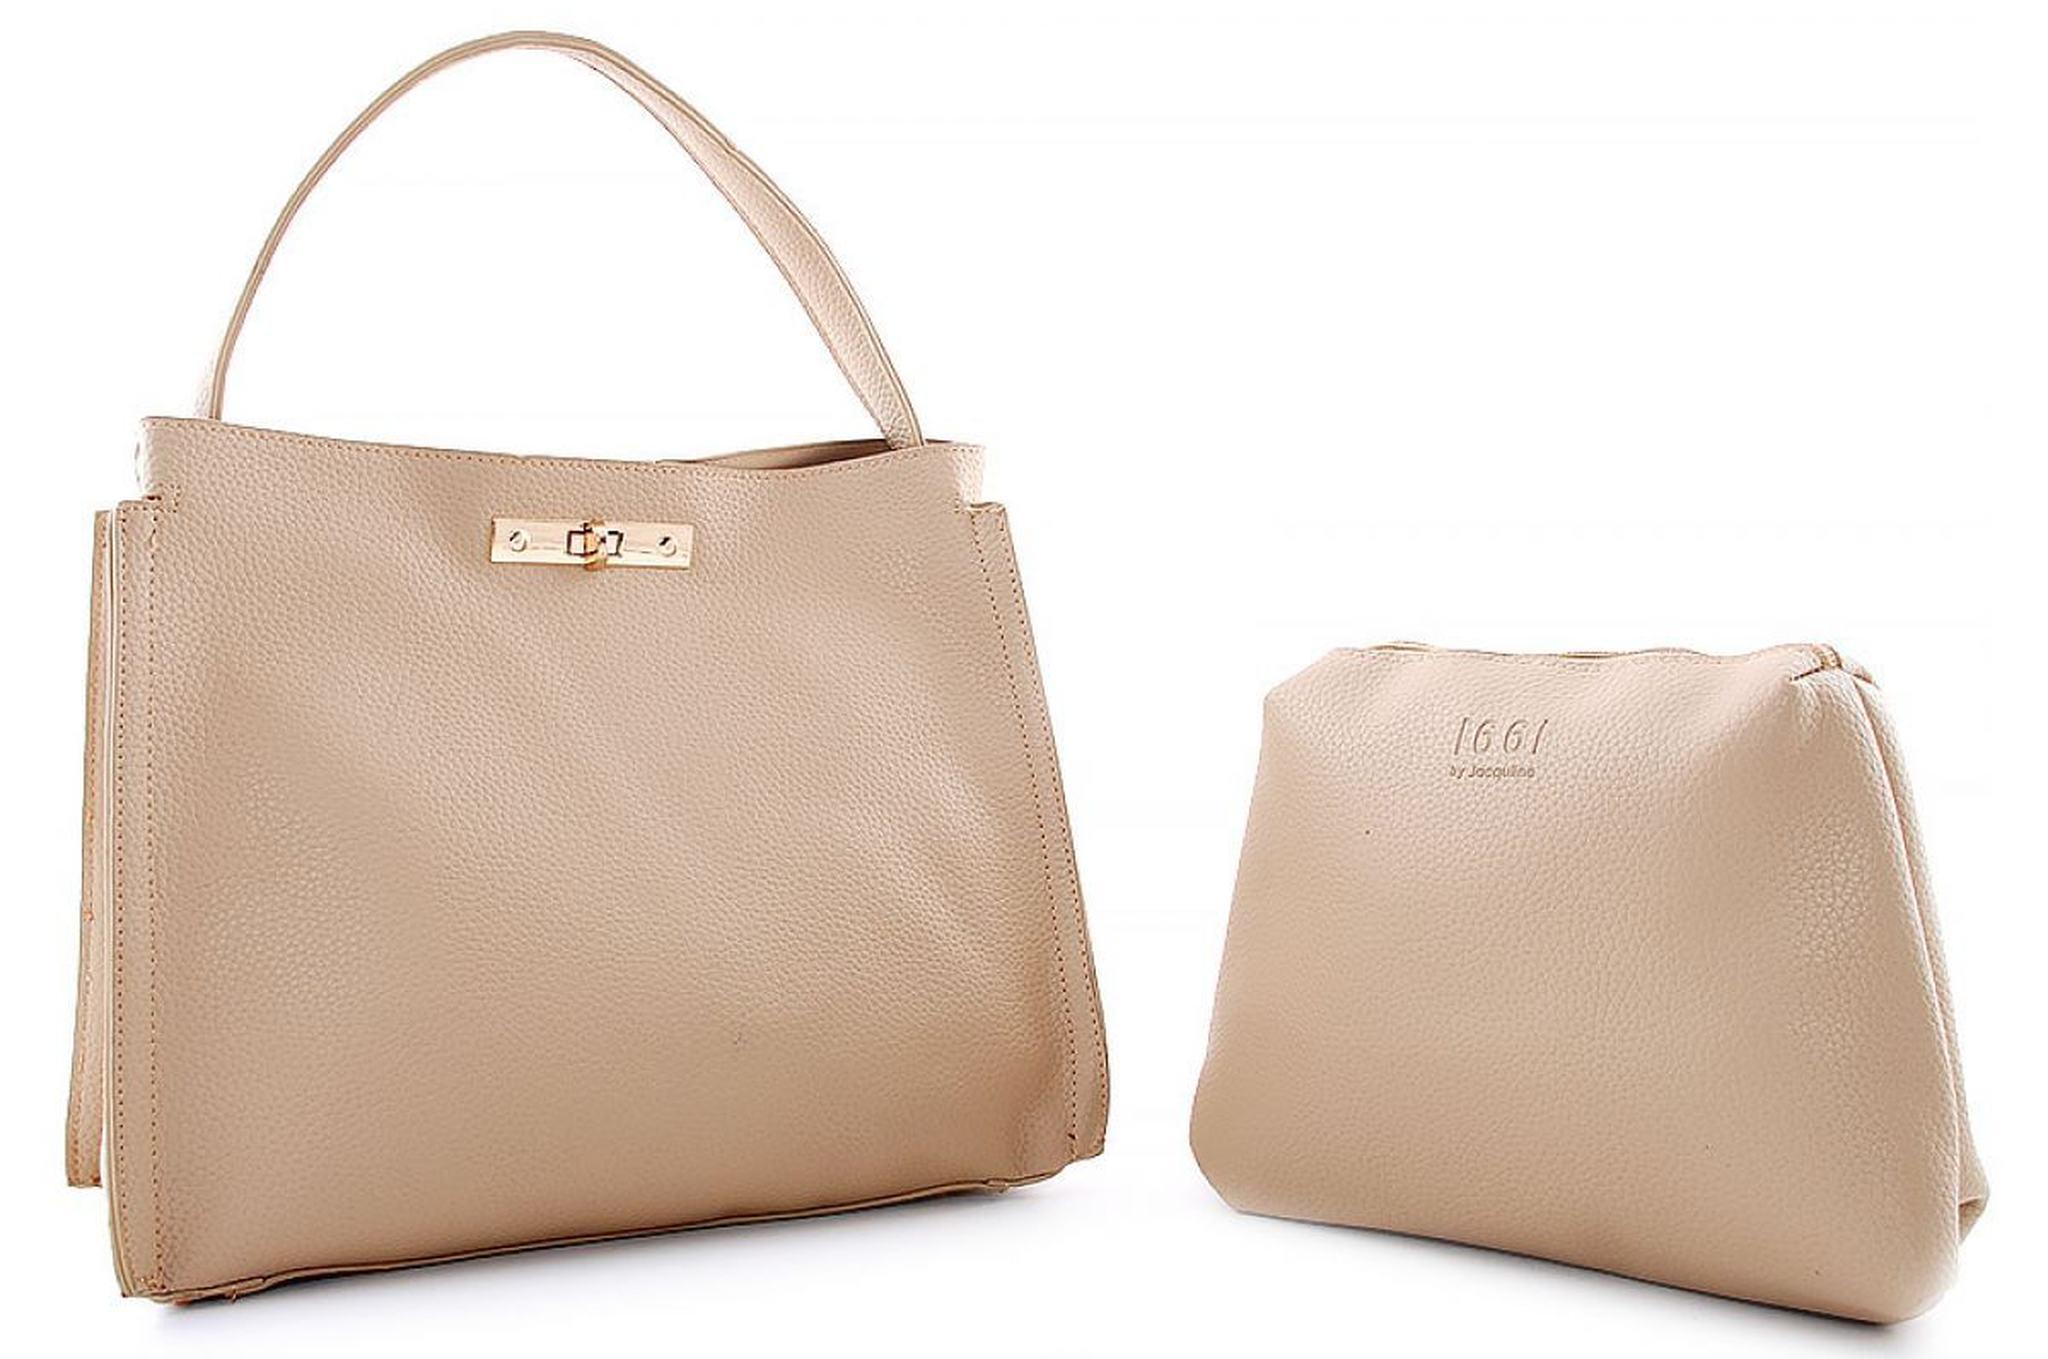 İkili çantalar